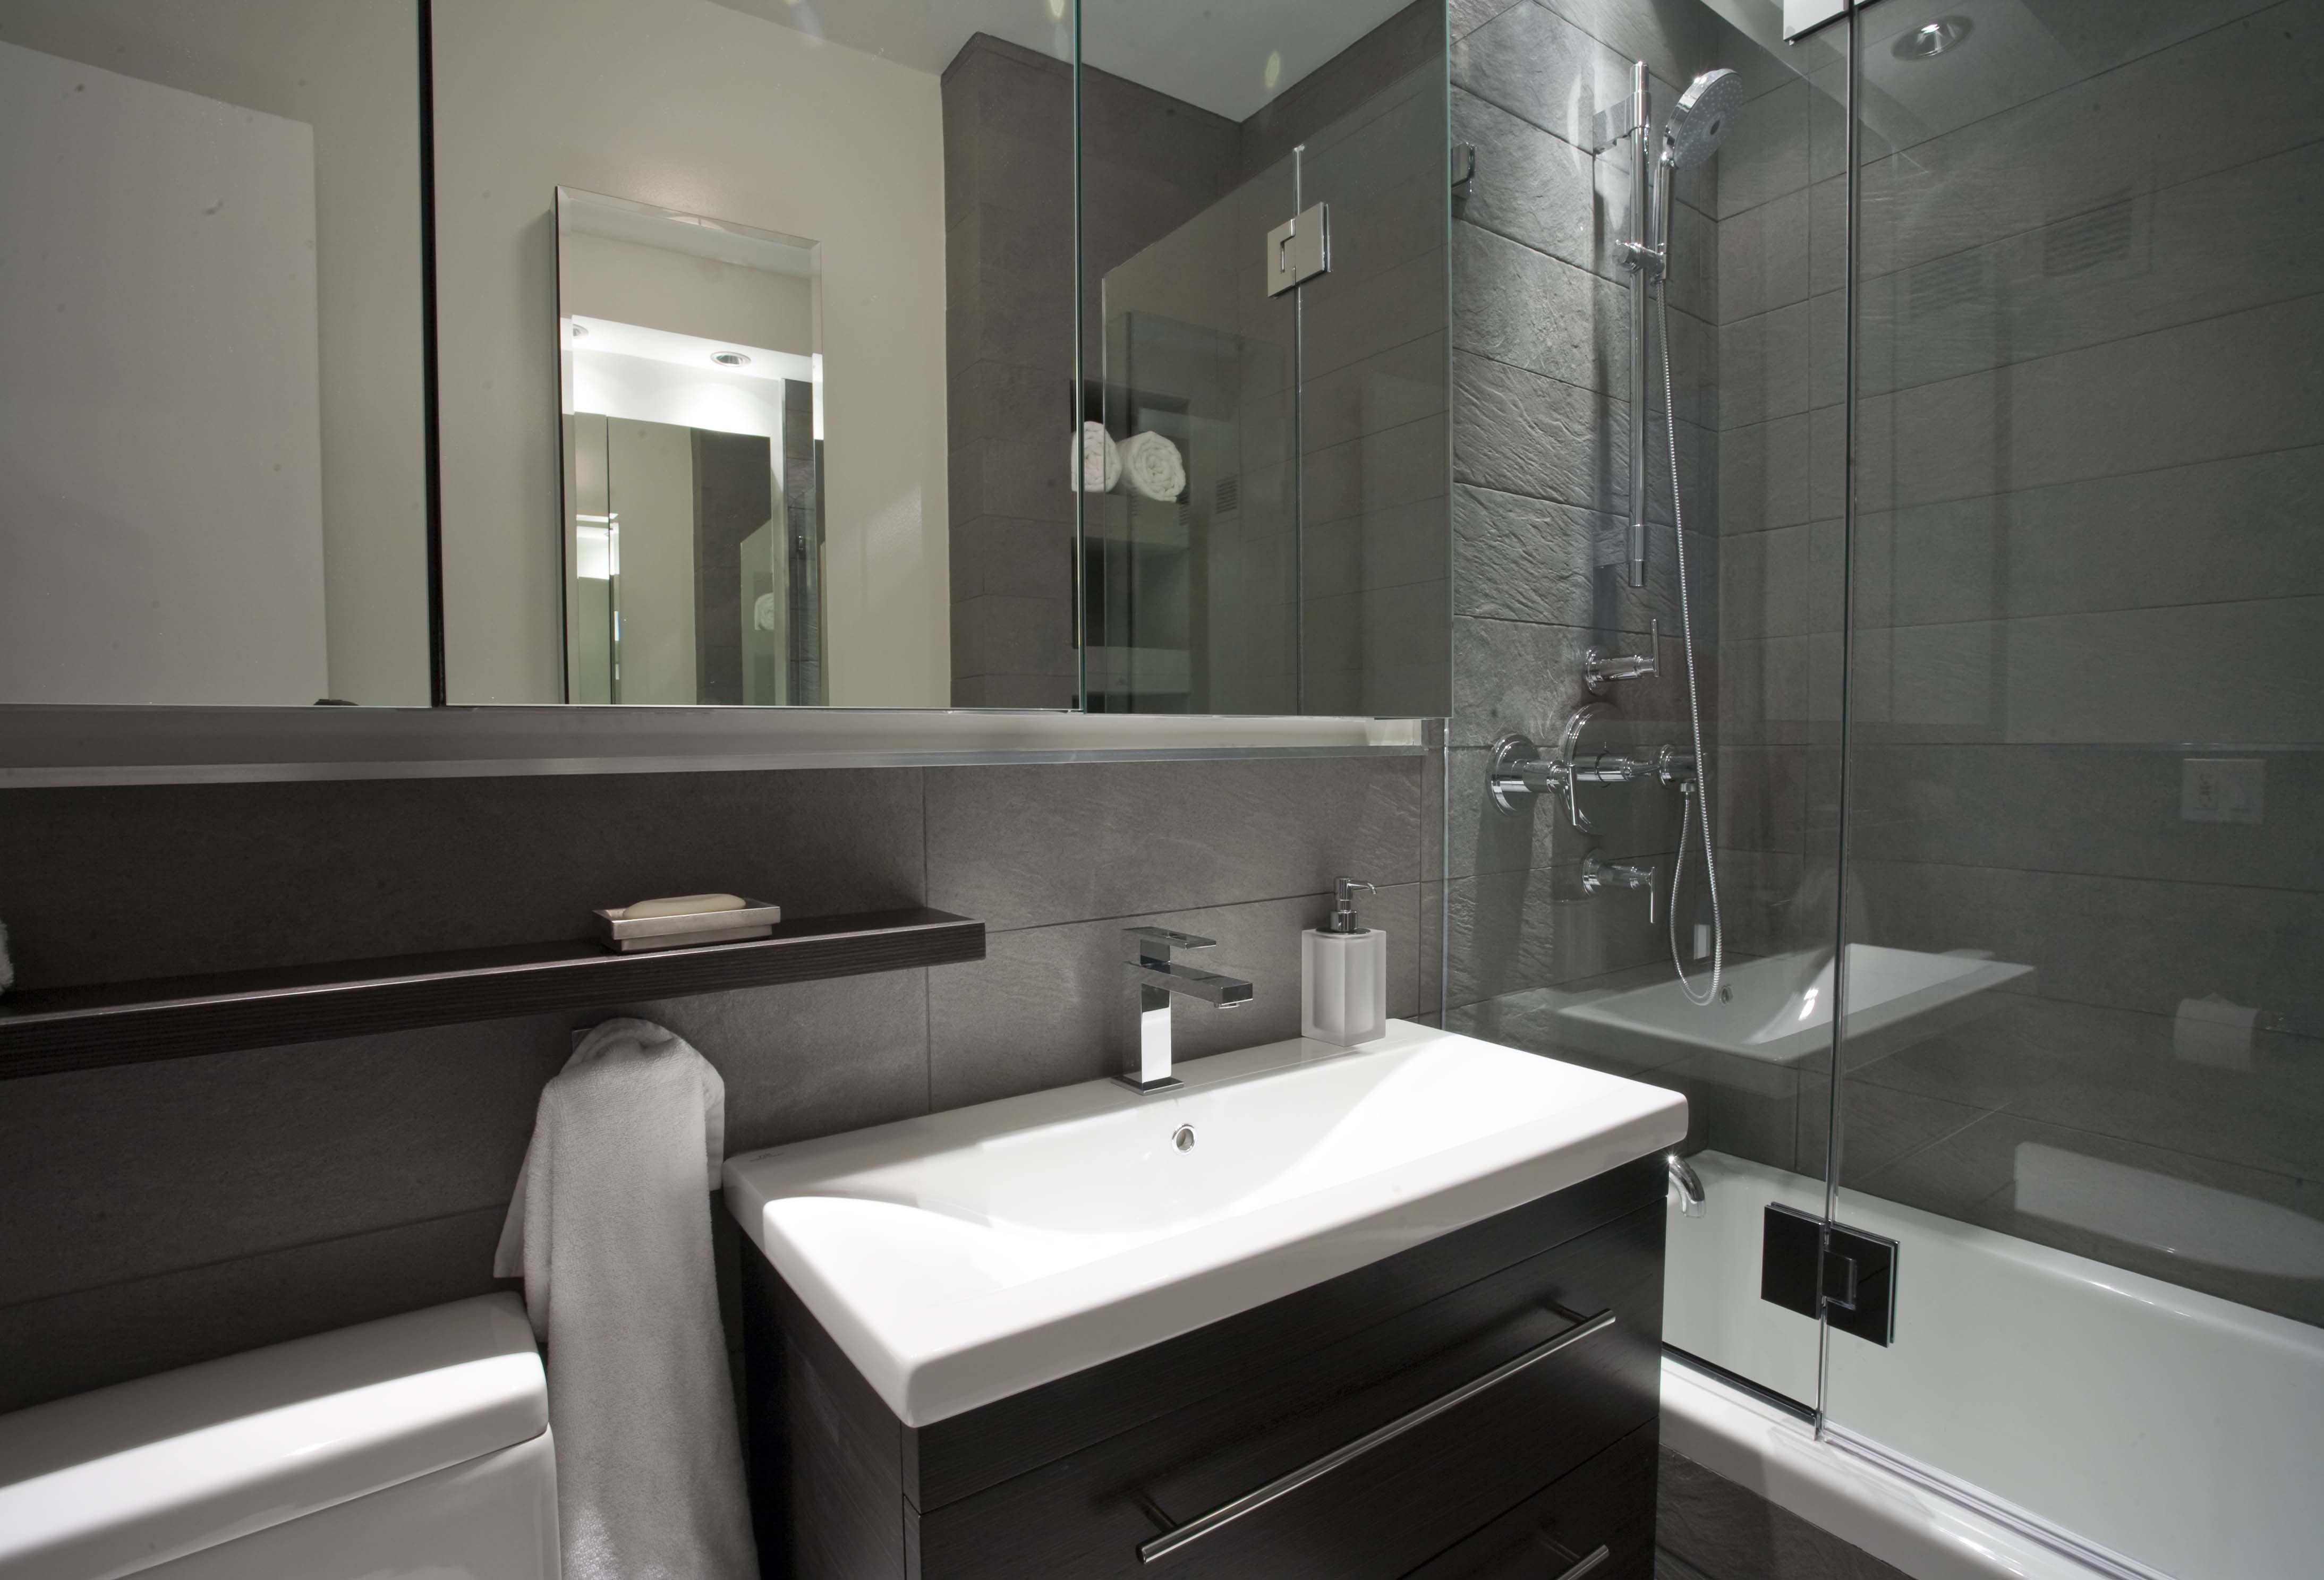 Stanze Da Bagno Piccole : Come rendere accoglienti le piccole stanze da bagno